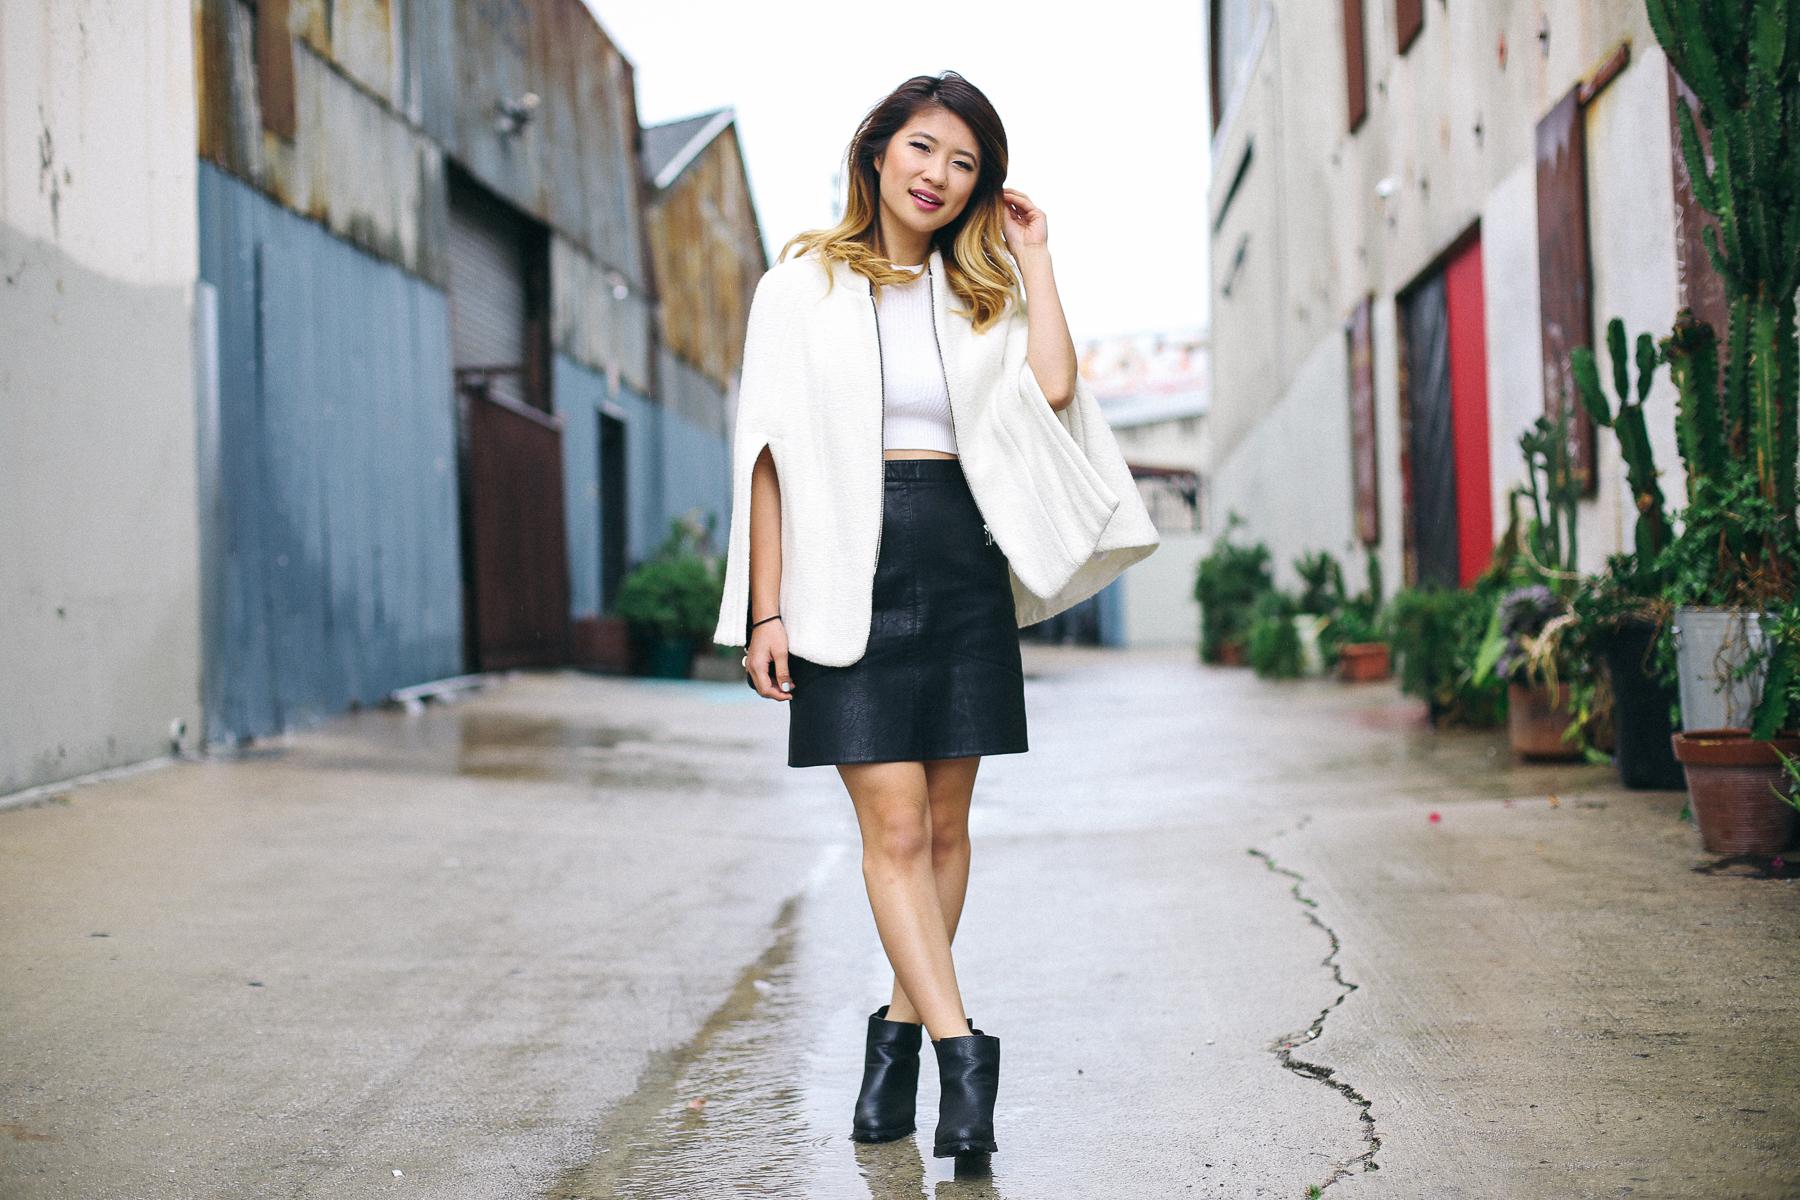 Ally-Chen-Black-Skirt-White-Cape-Jacket-1696.jpg